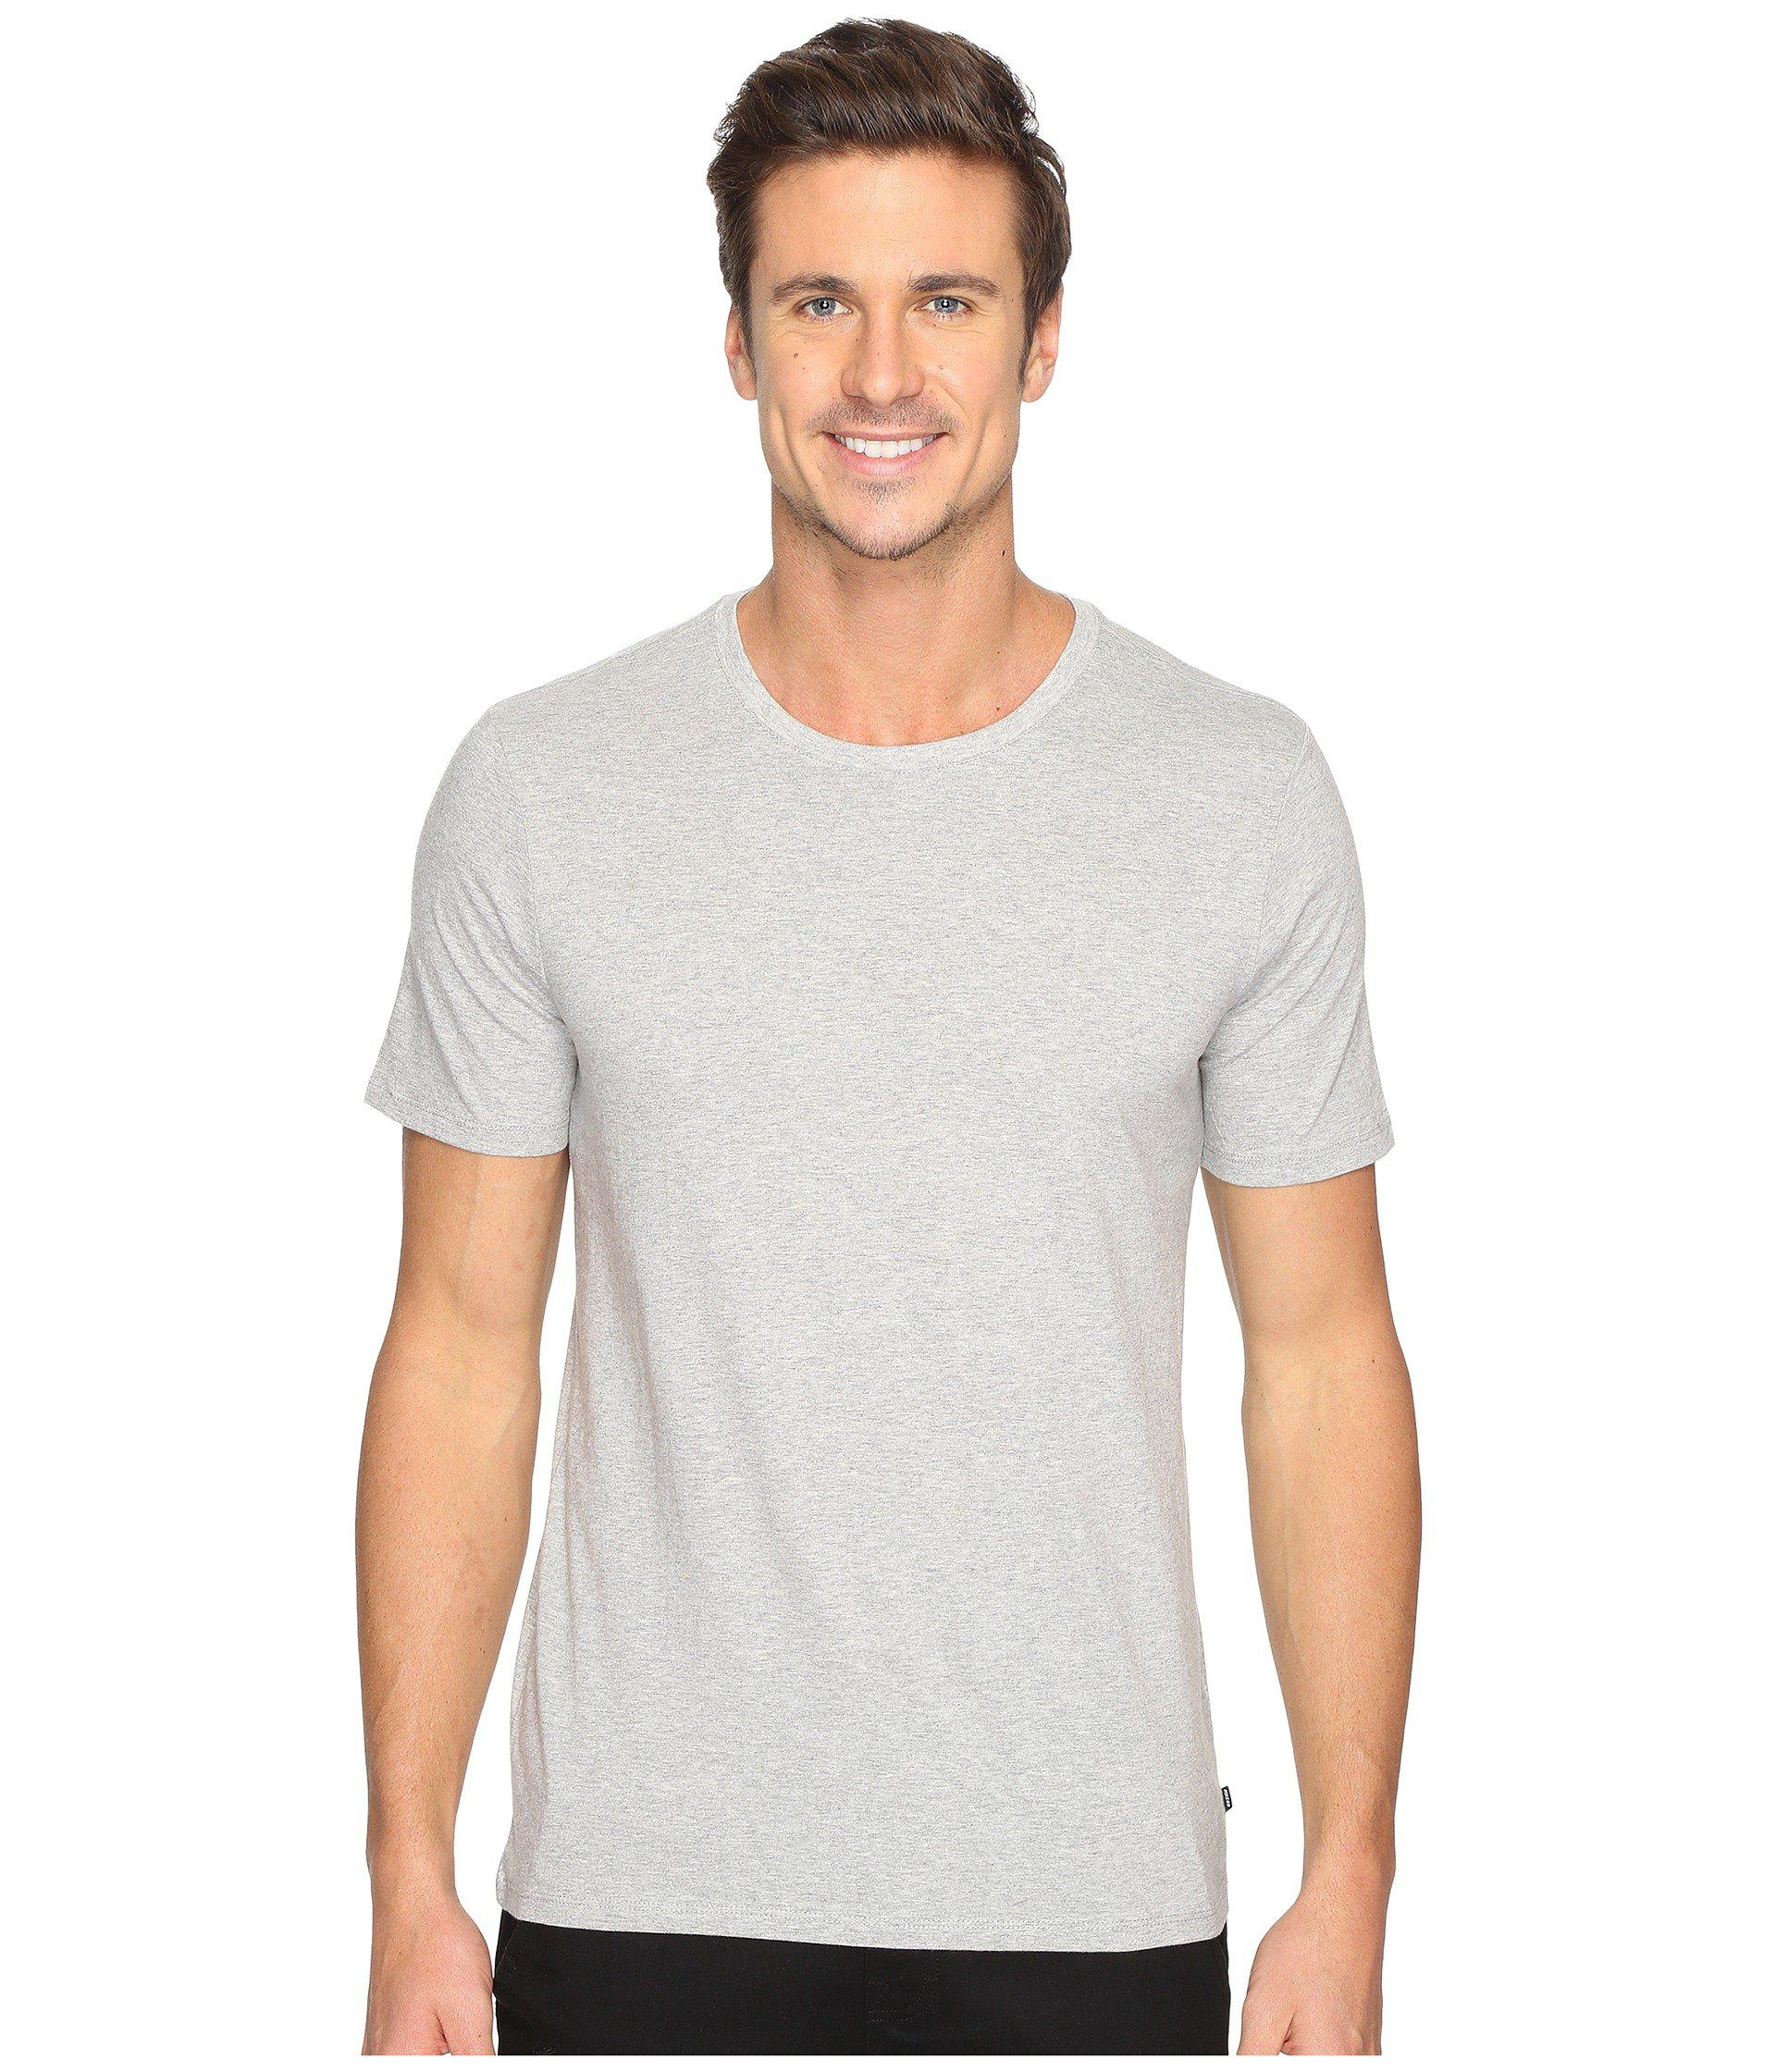 ebbaf7cee842 Lyst - Nike Sb Essential T-shirt in Gray for Men